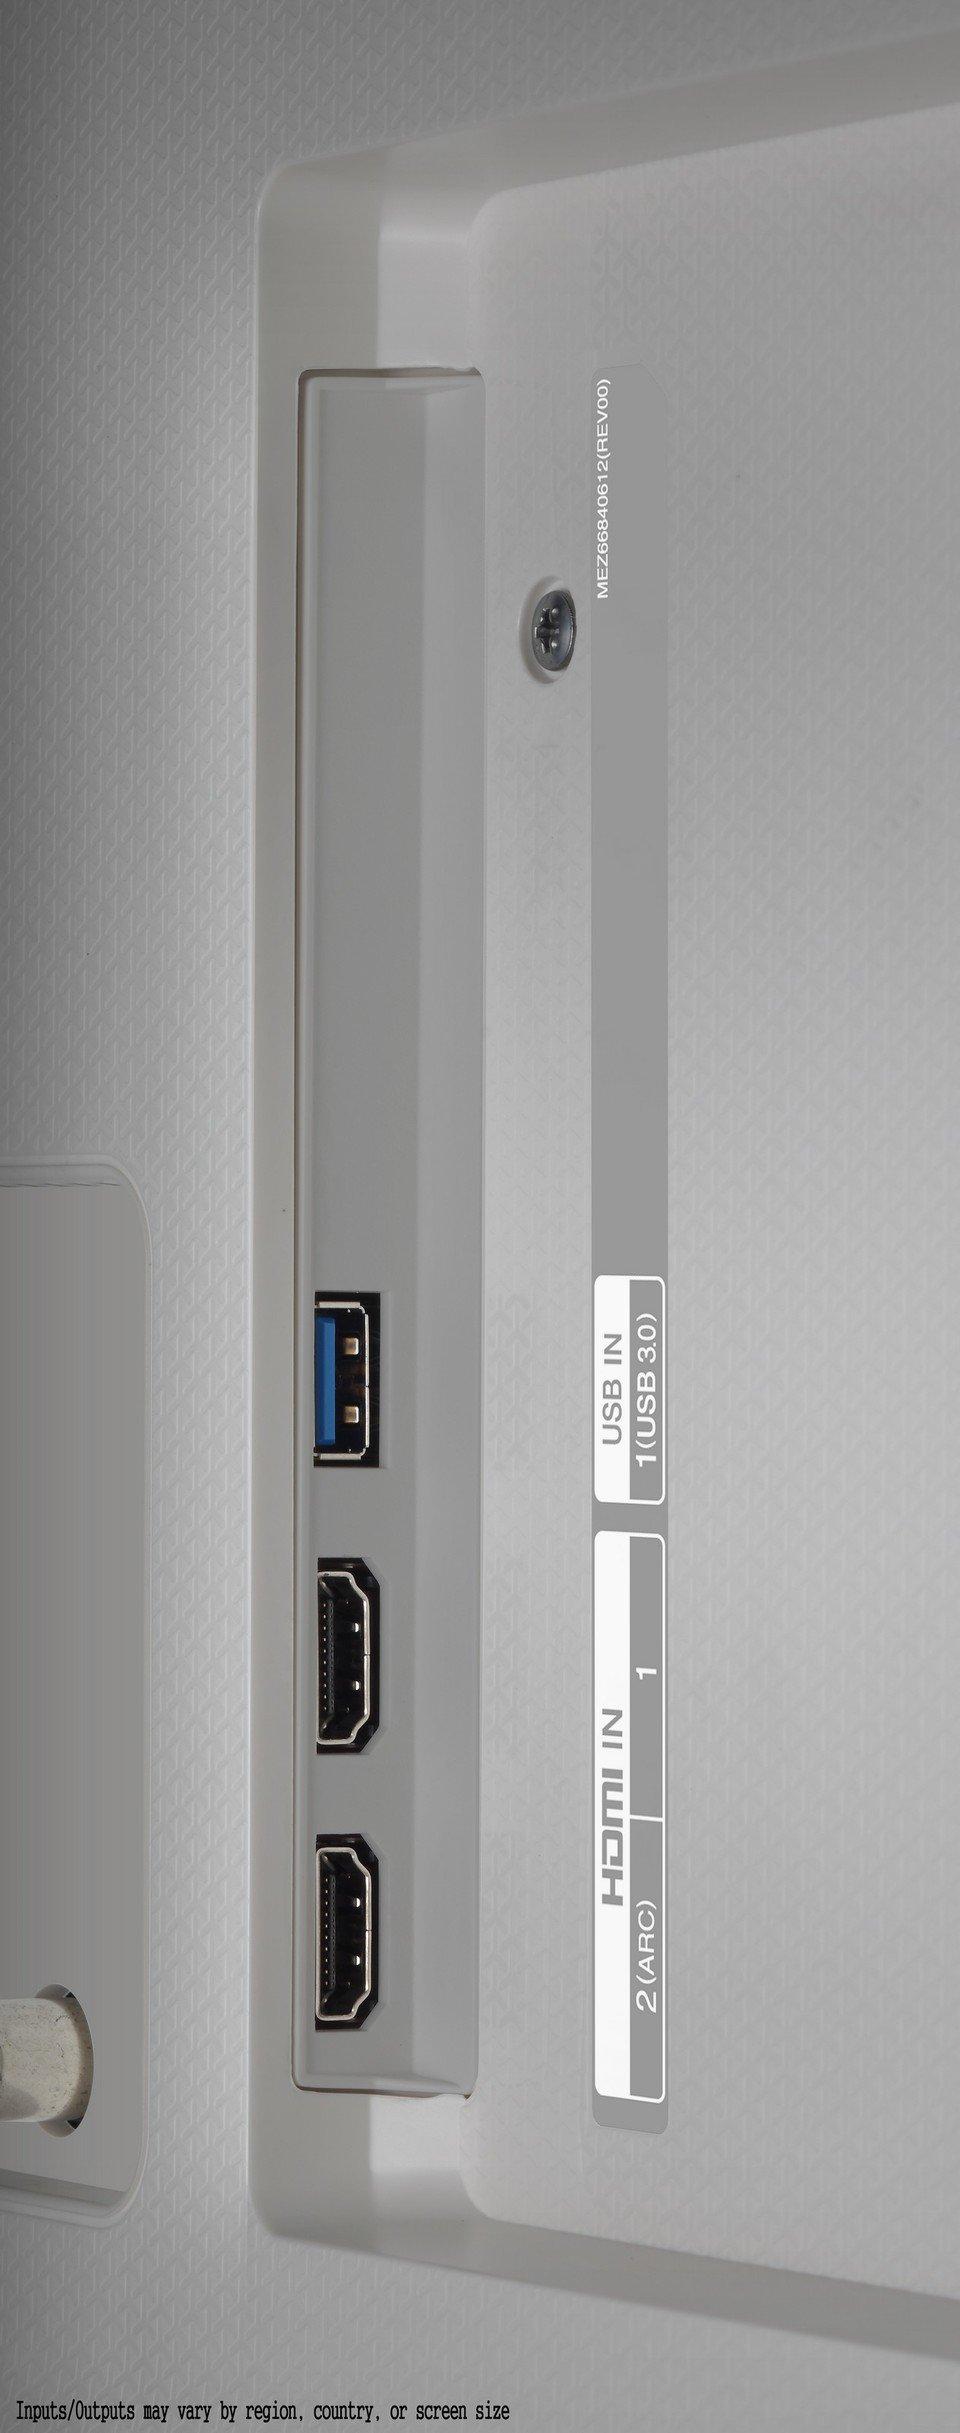 LG Super UHD SJ810_13.jpg